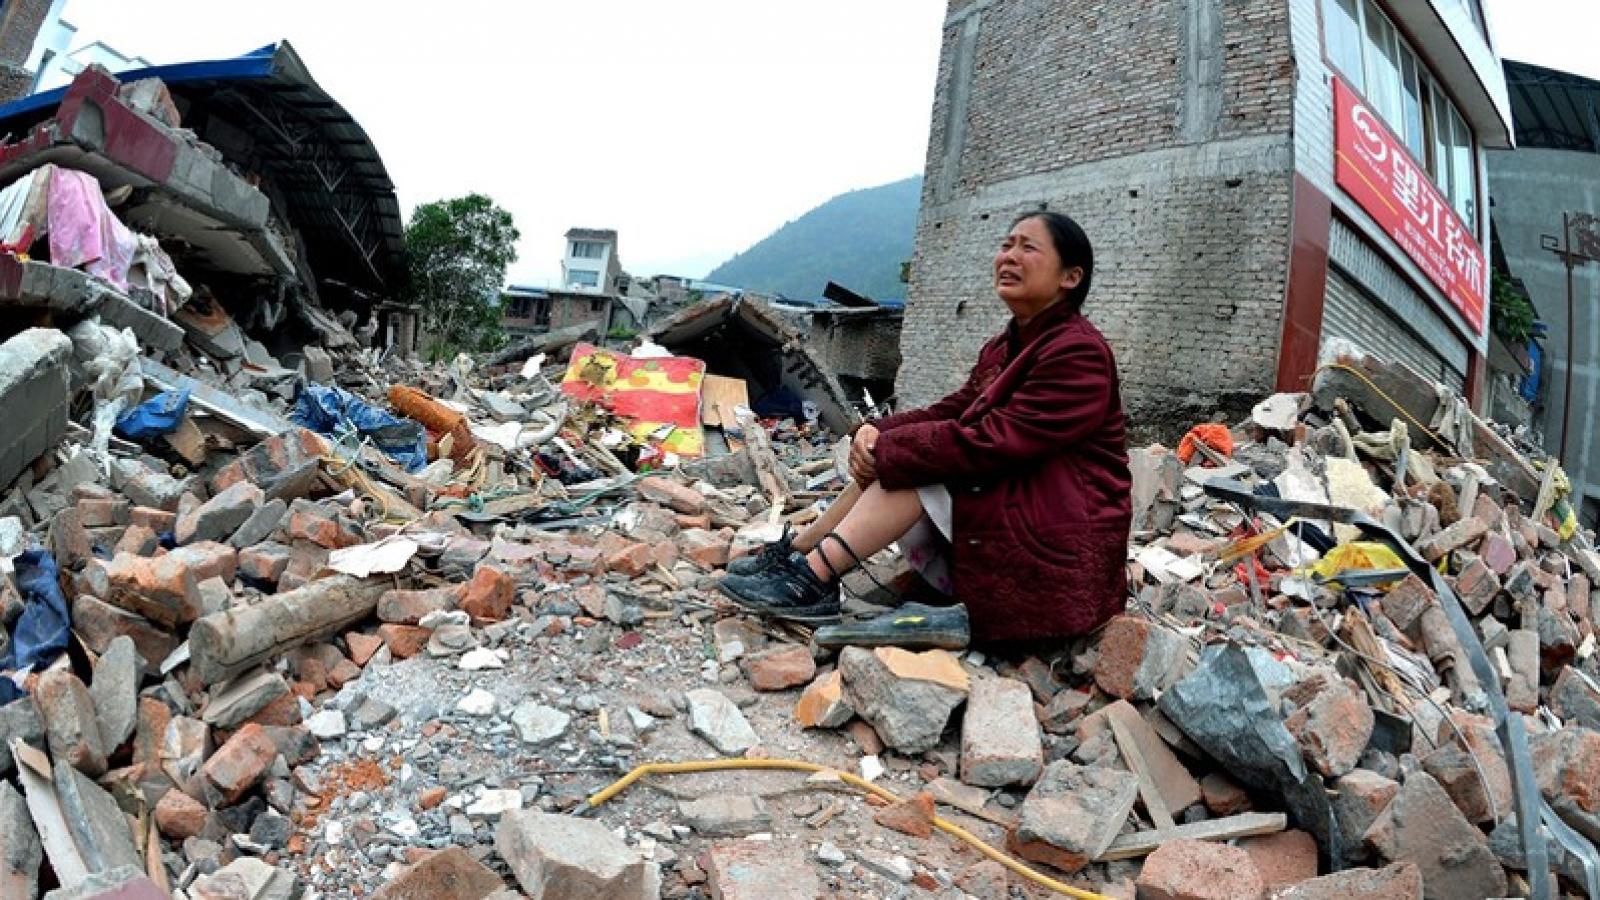 Trung Quốc xảy ra hơn 400 trận động đất trên 3 độ từ đầu năm đến nay